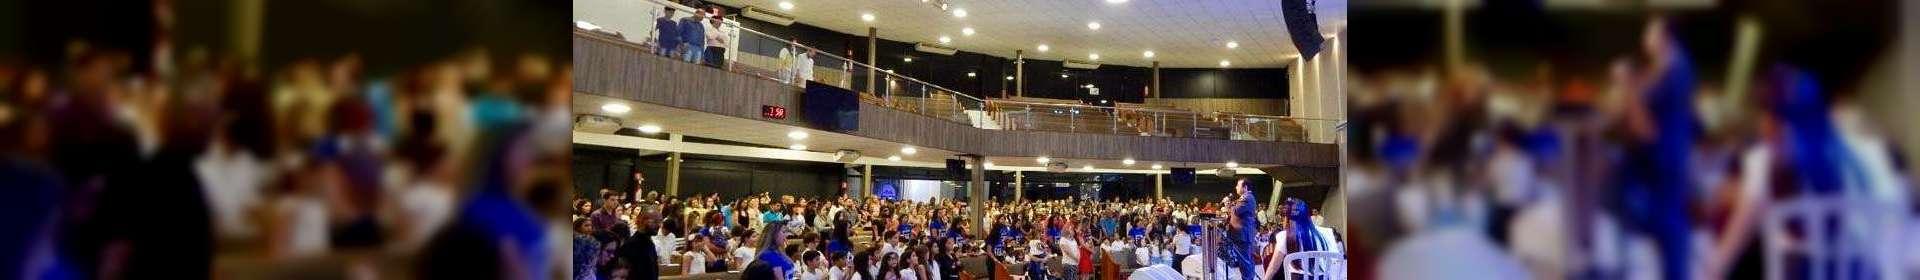 Culto de glorificação pelos 45 anos do Colégio Rúbia Coelho, em Governador Valadares